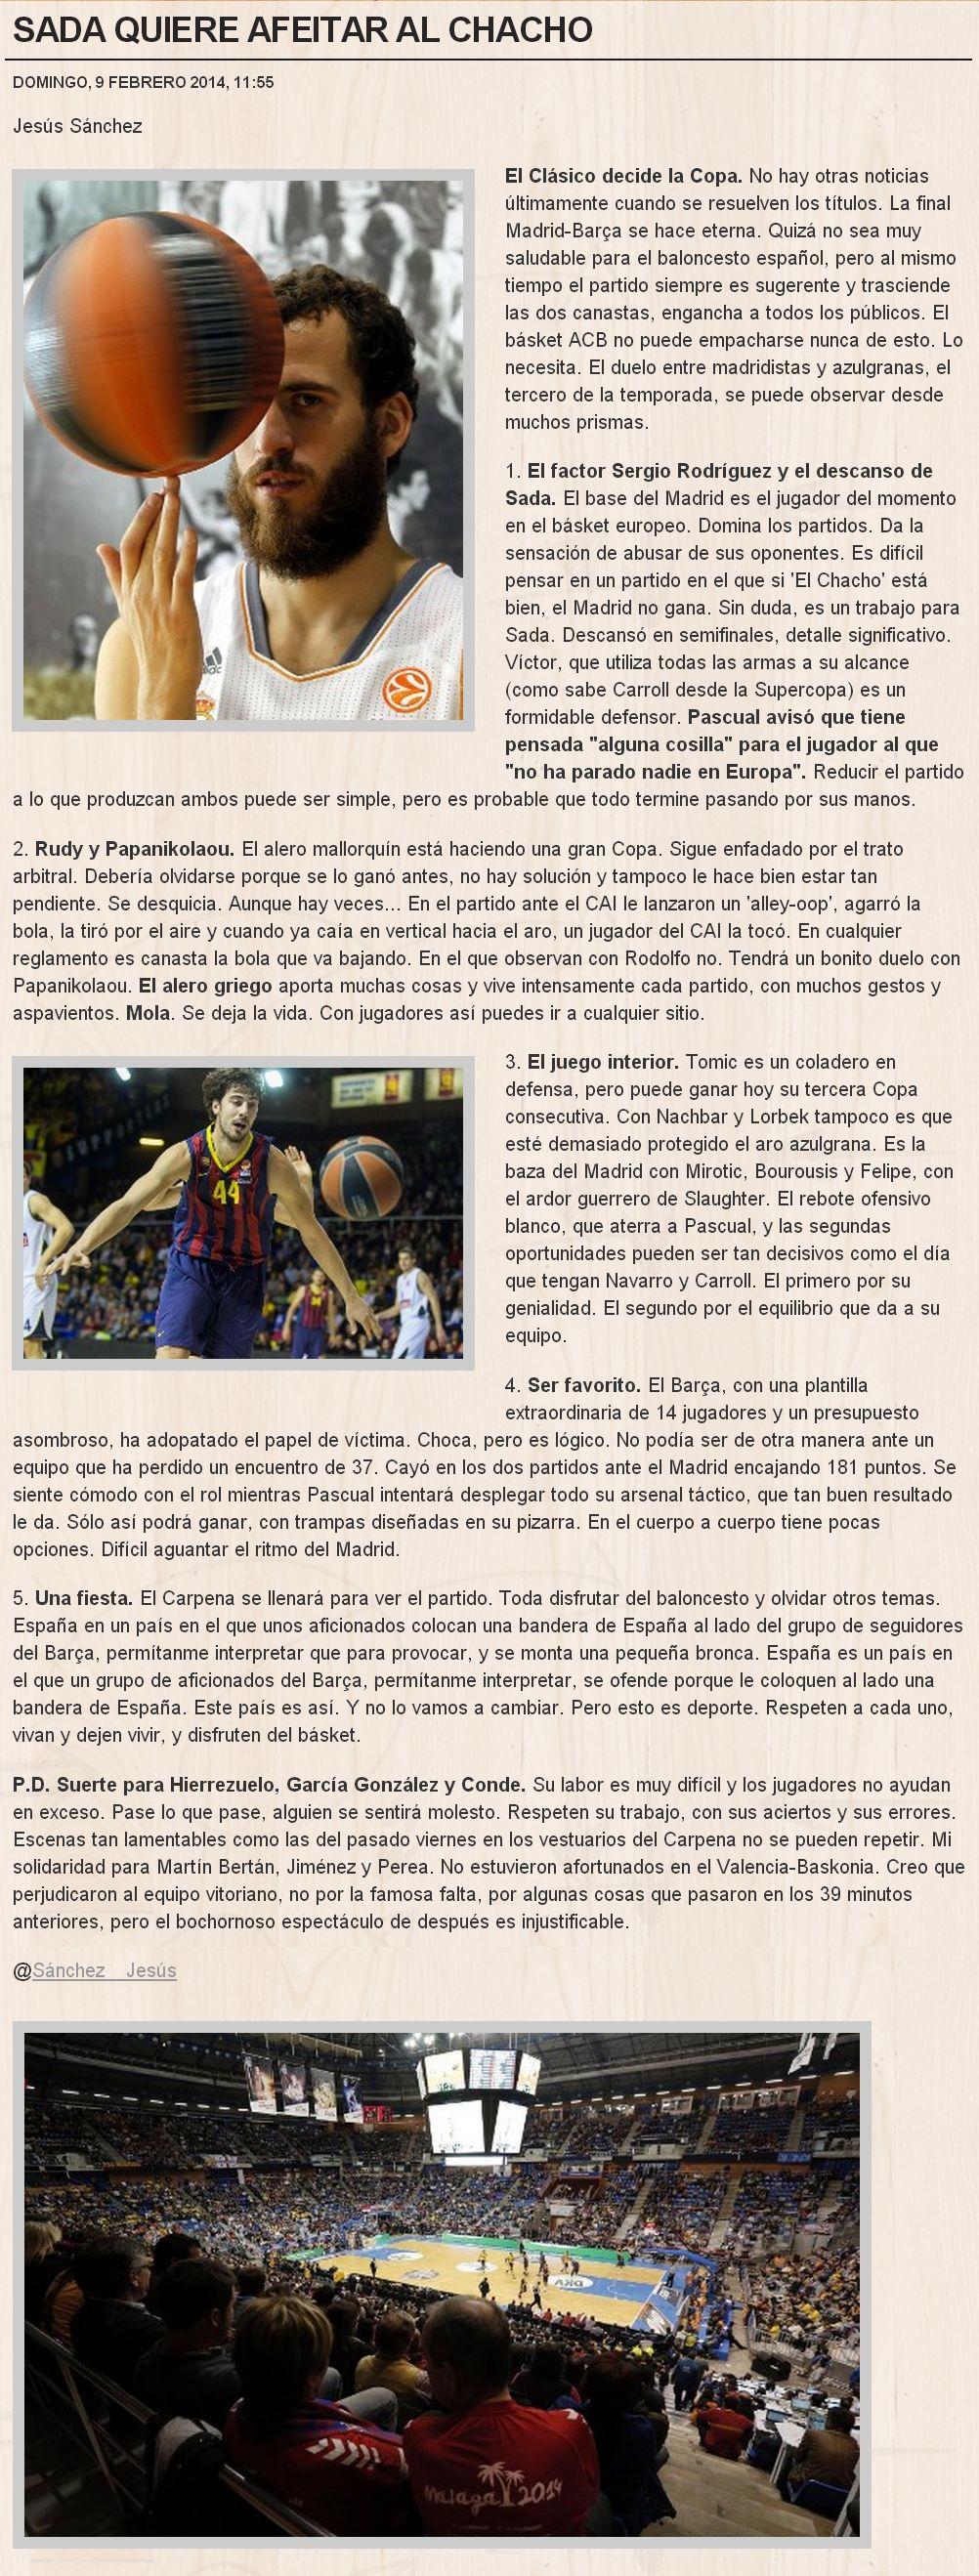 Copa del Rey Baloncesto (Málaga del 6 al 9 de febrero de 2014) - Página 4 5421960365